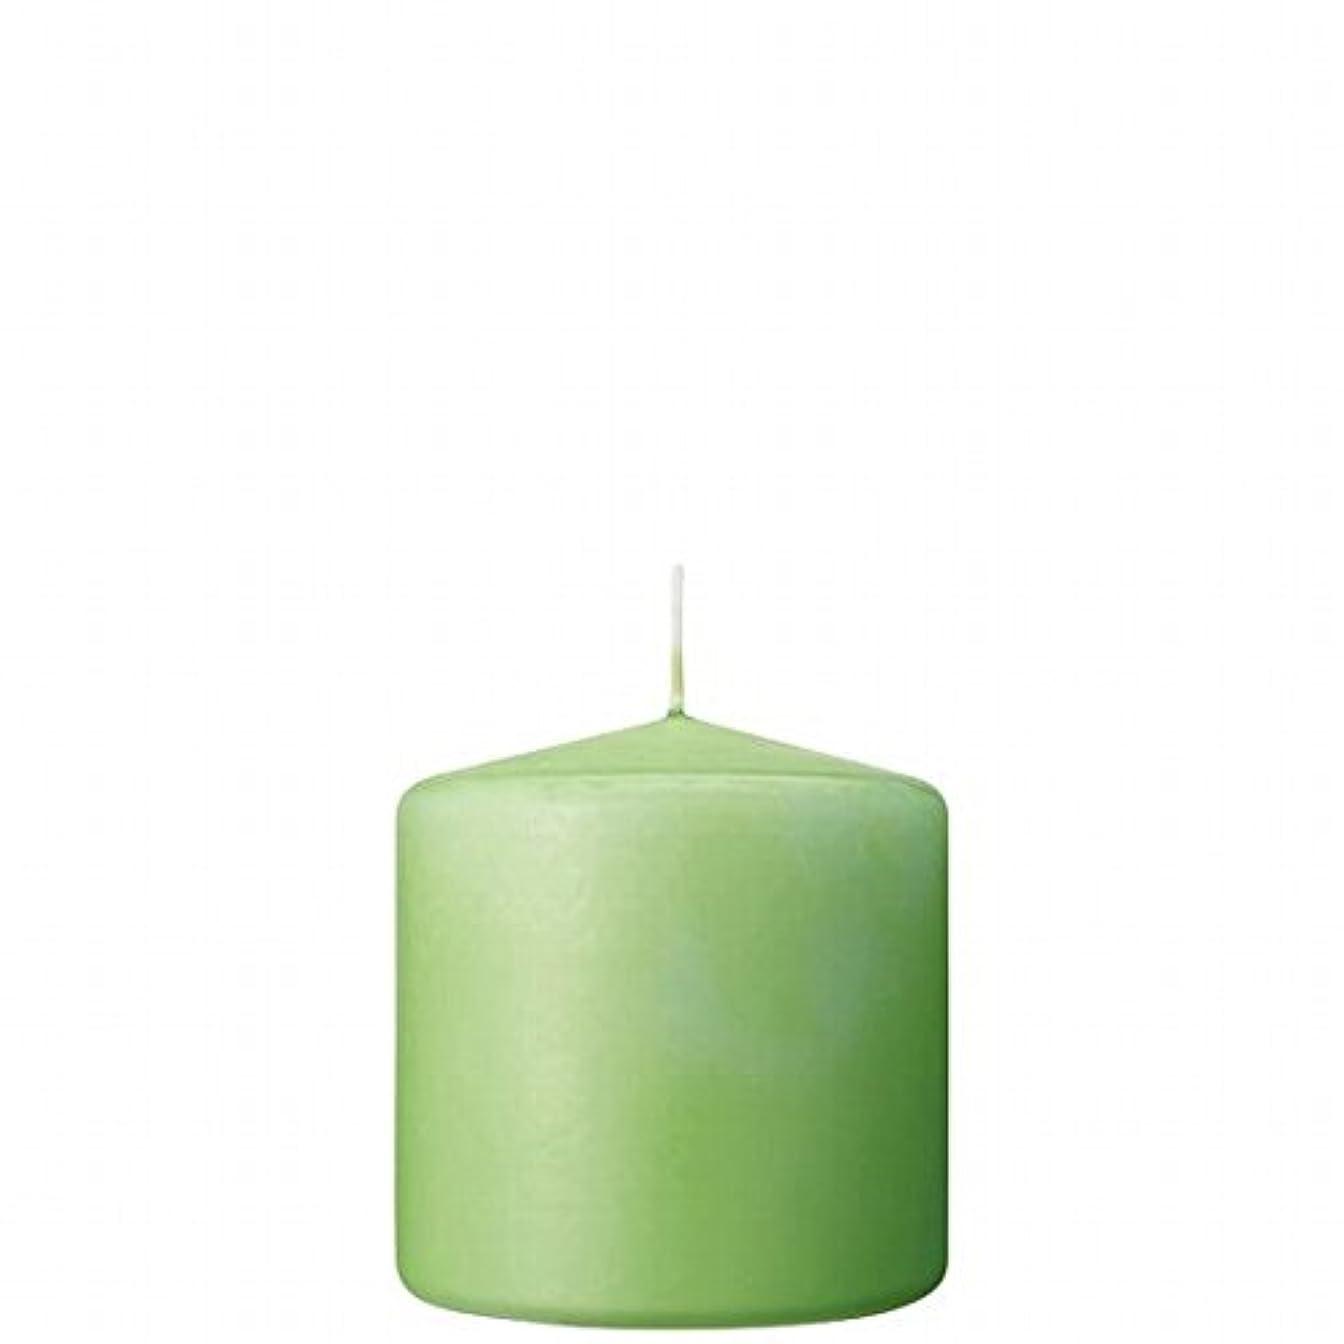 散逸トランザクション改善カメヤマキャンドル(kameyama candle) 3×3ベルトップピラーキャンドル 「 ライム 」